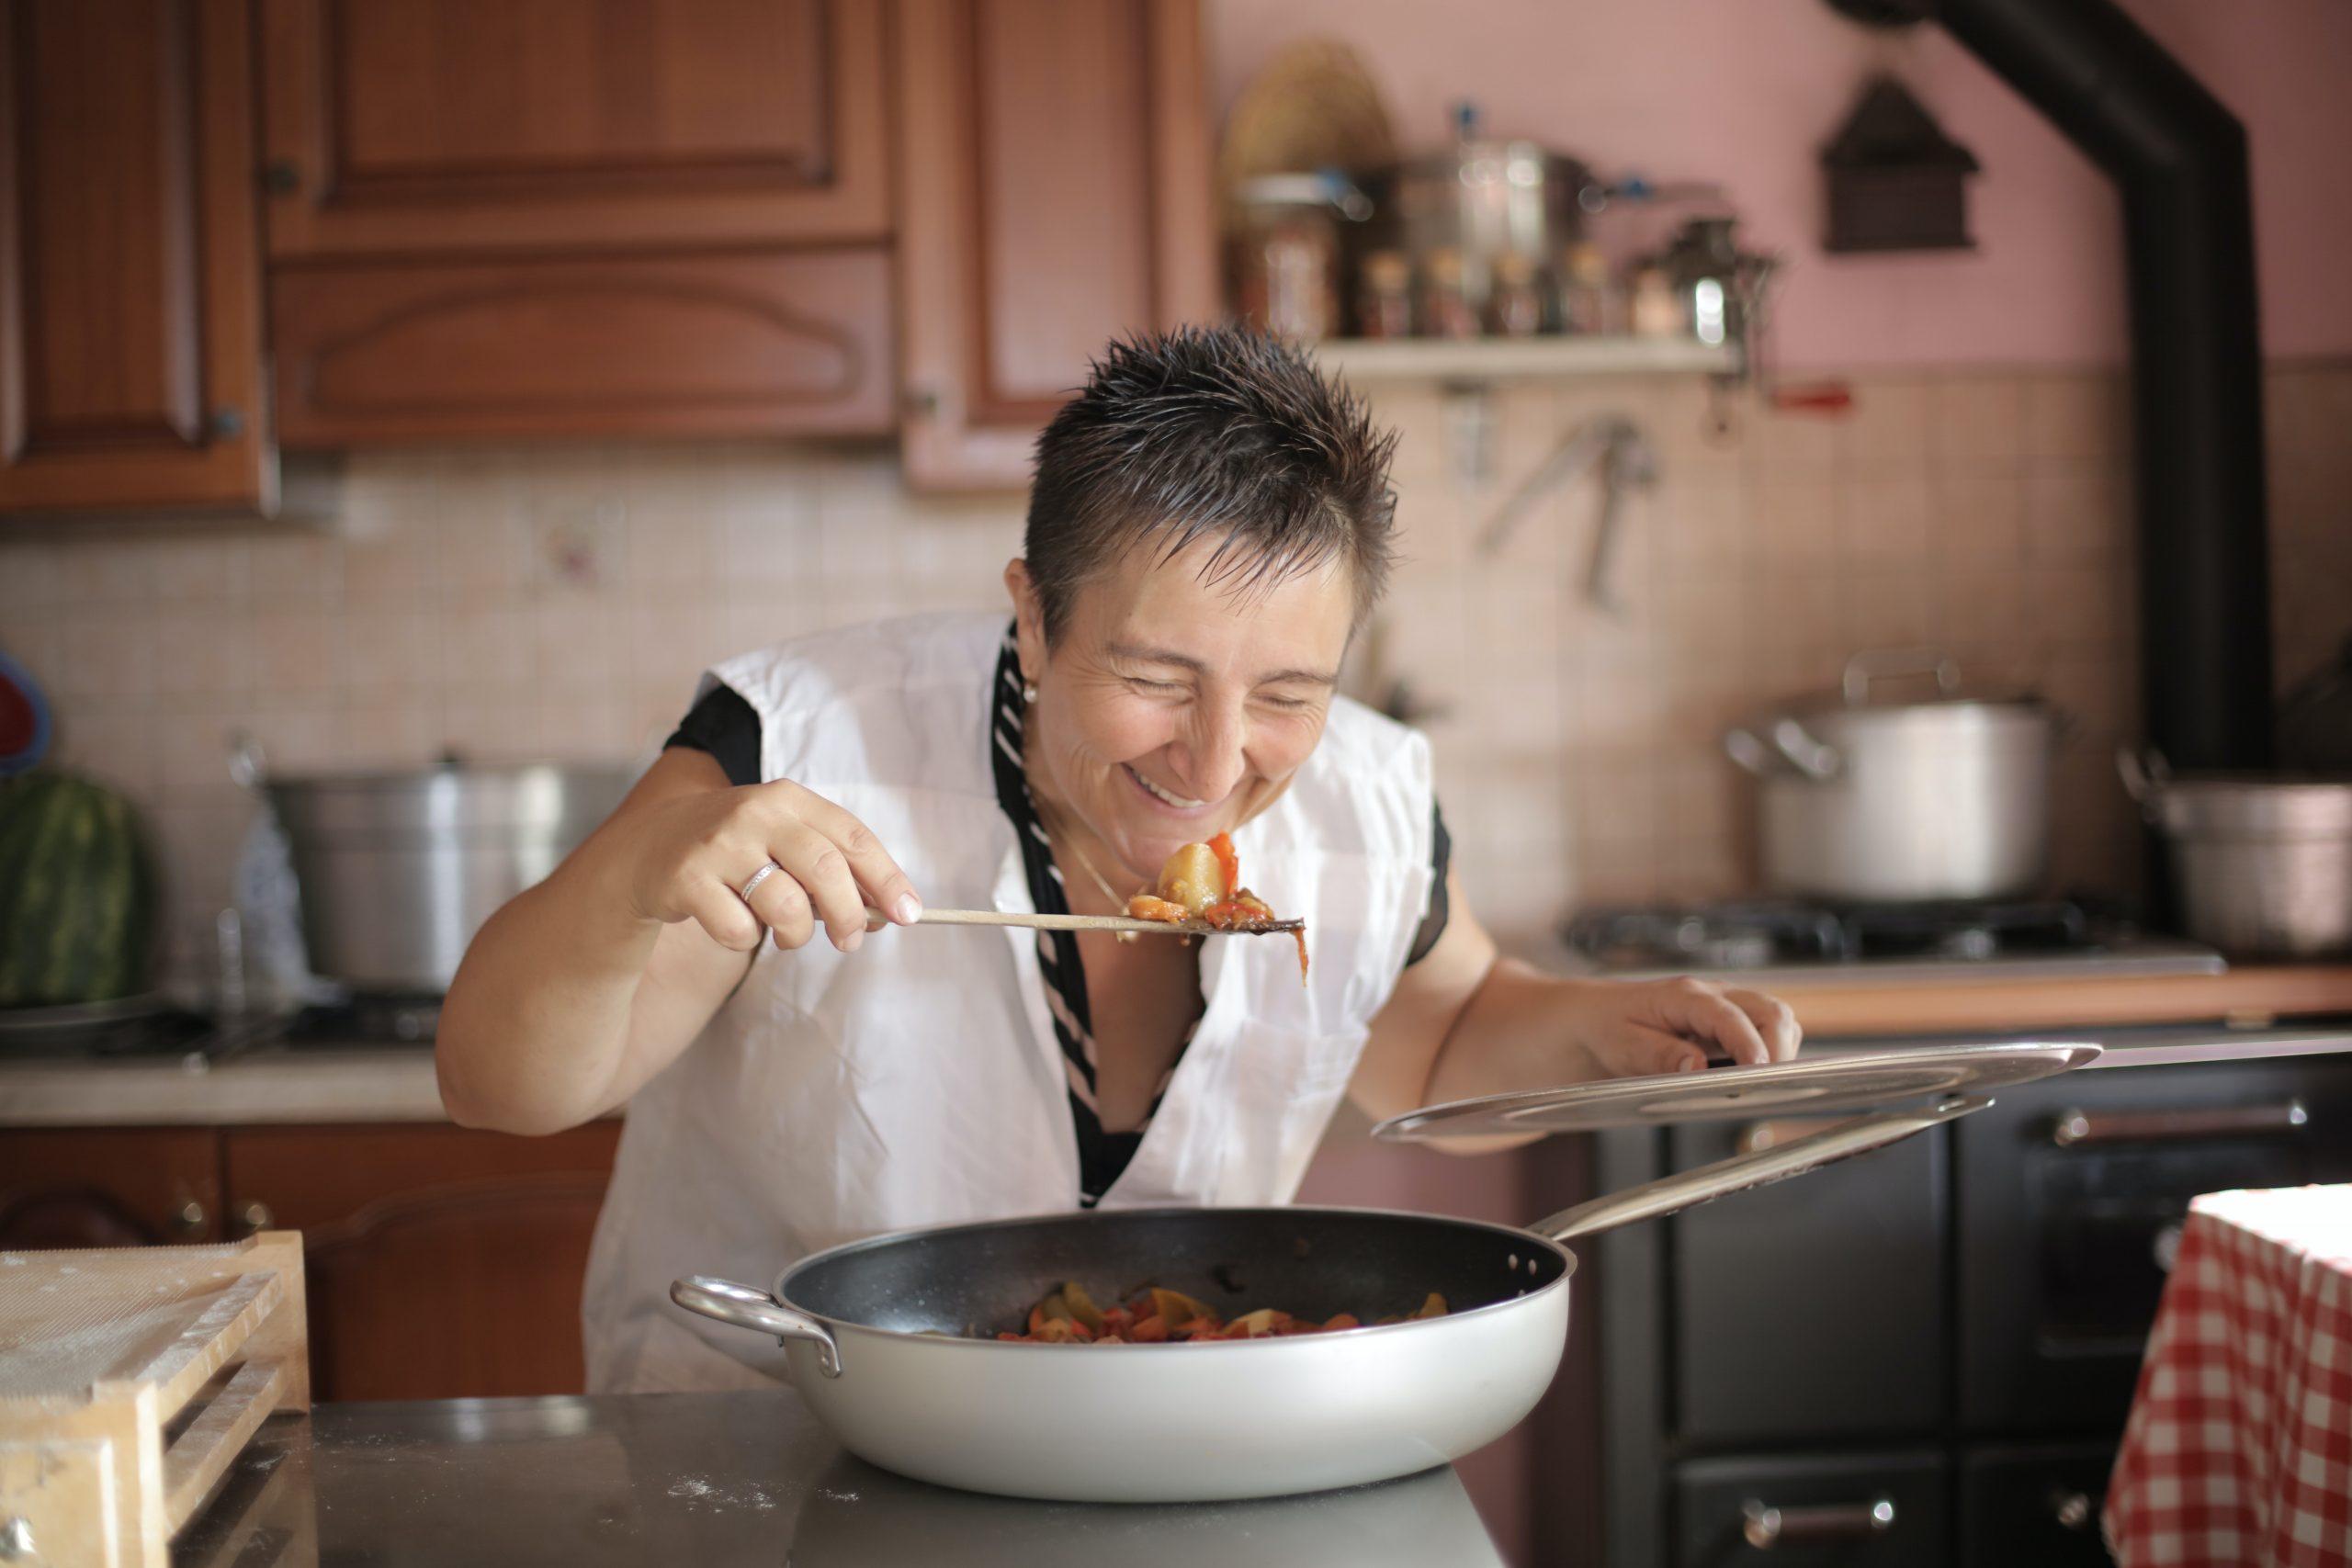 Boa alimentação pode afetar o humor e a ansiedade?